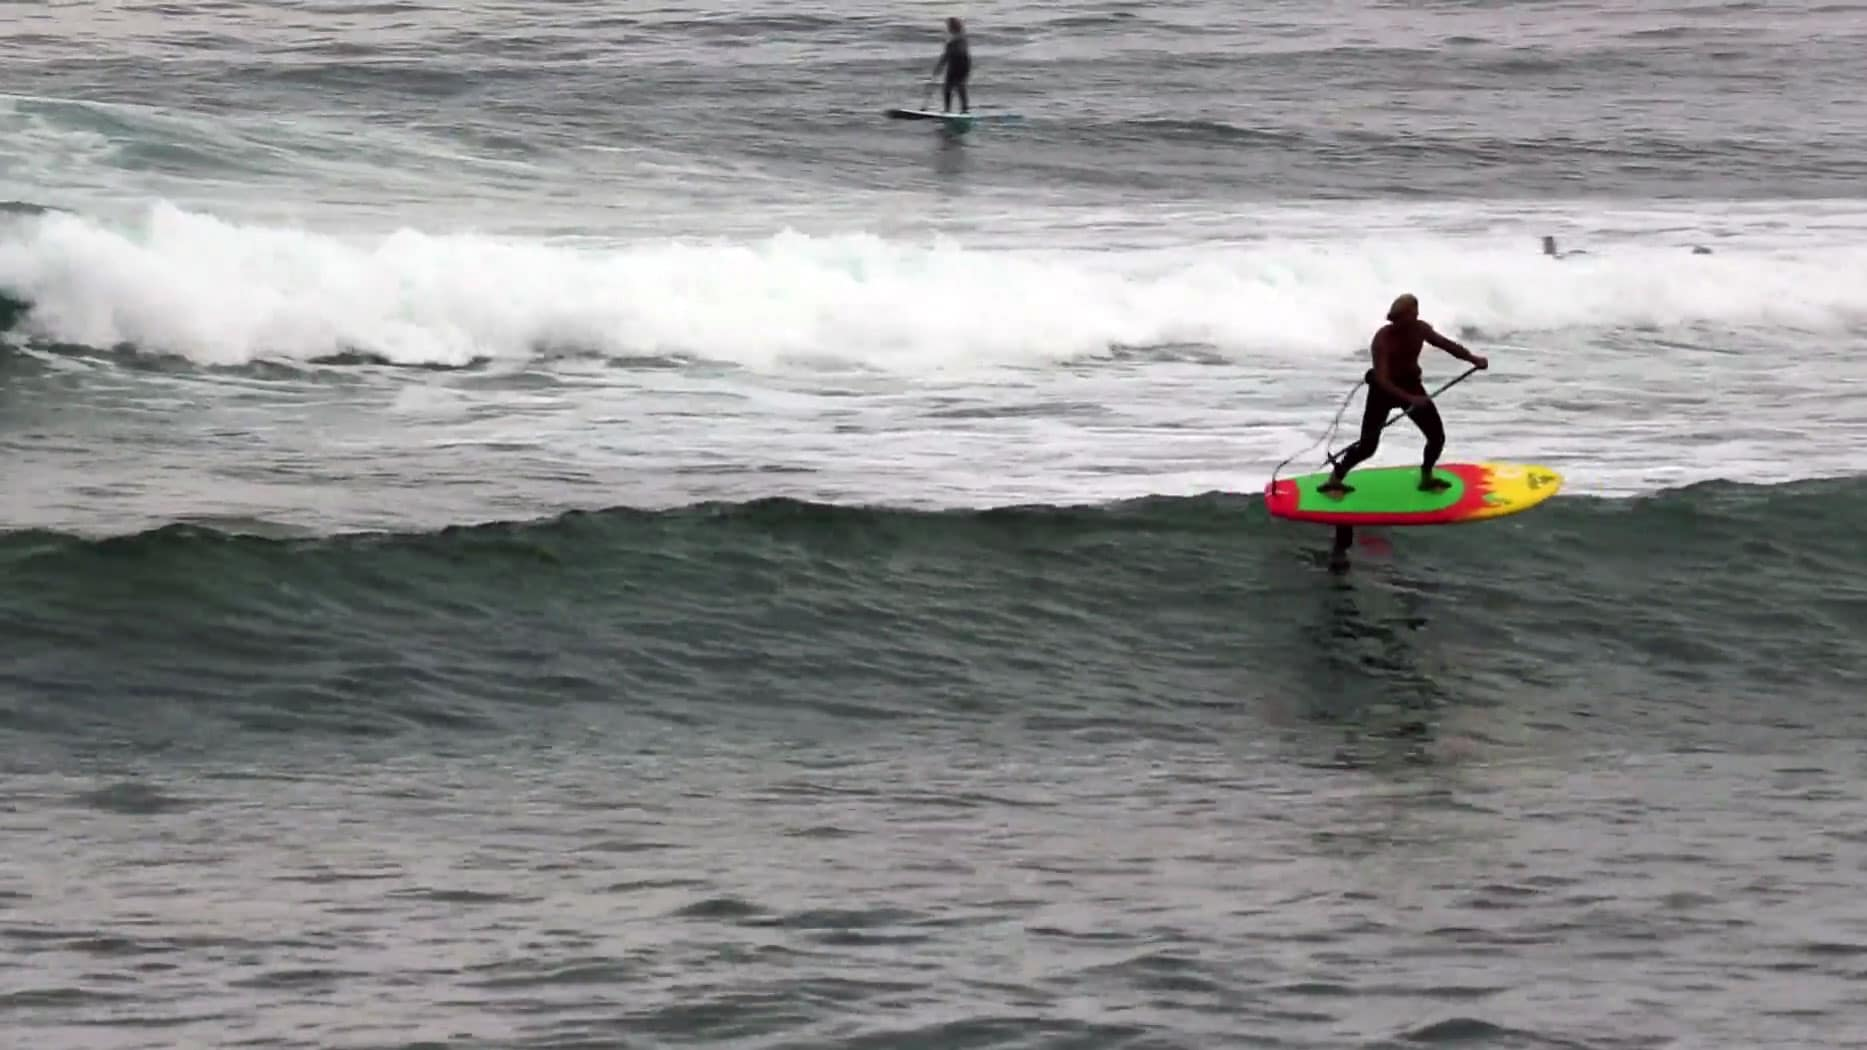 Laird Hamilton parle de la sécurité en foil surfing